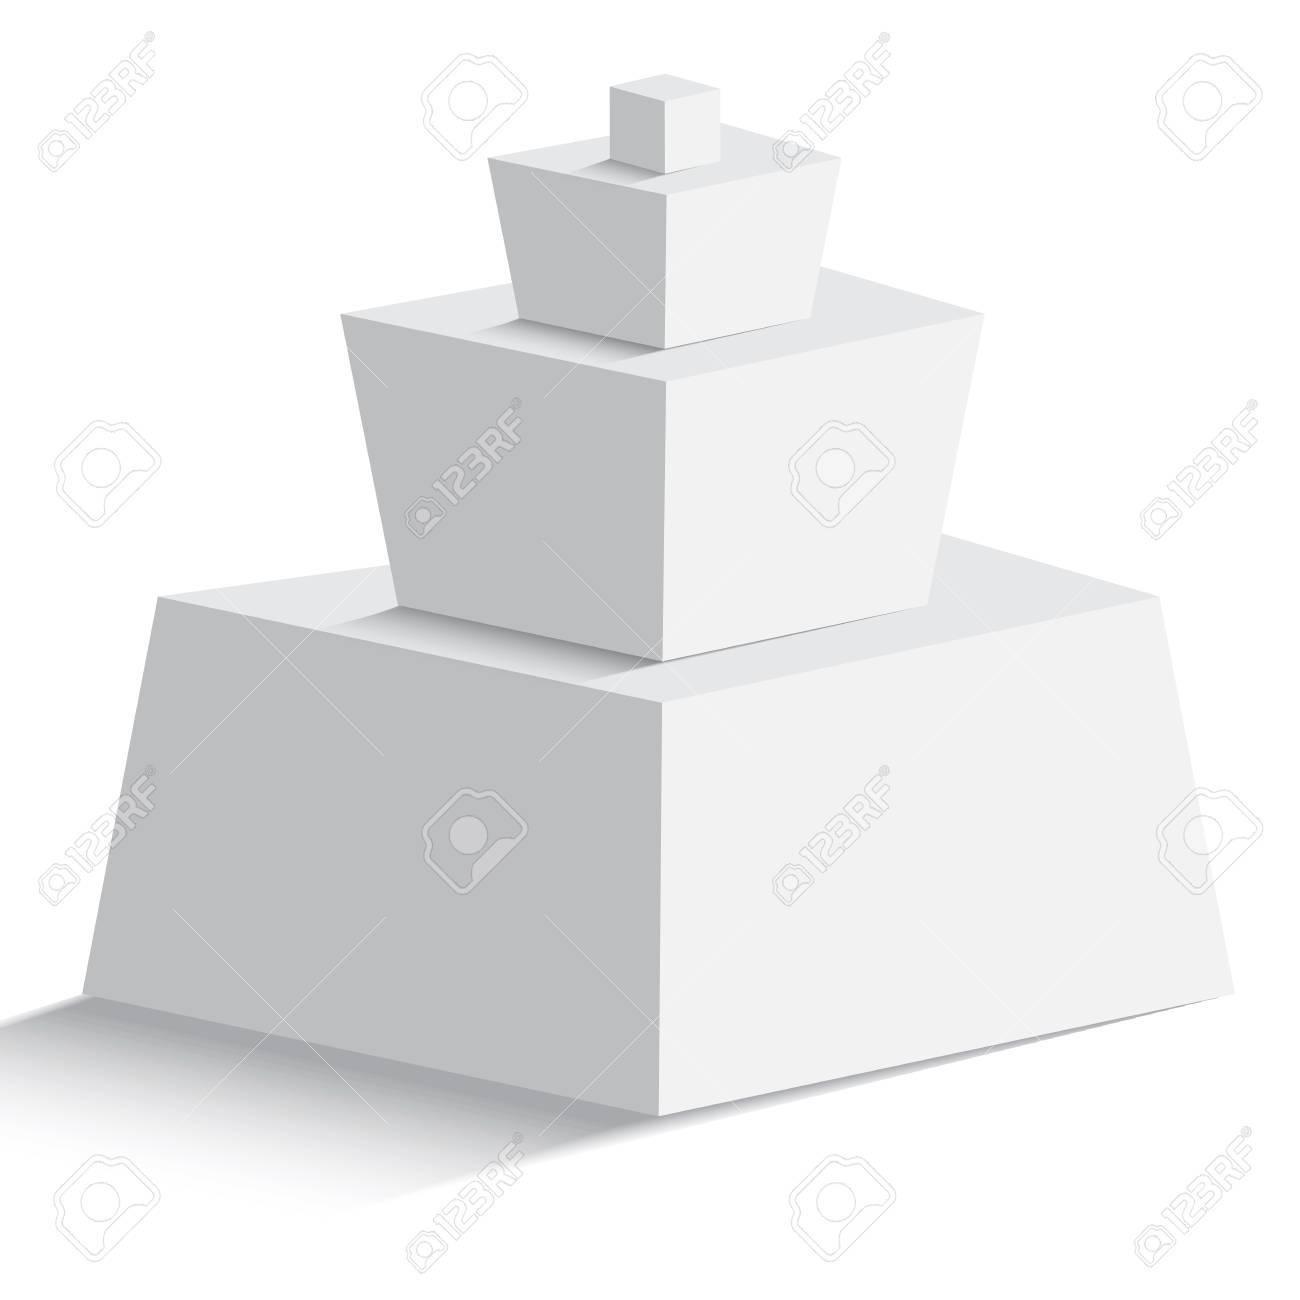 Pirámide En Blanco Aislado De Cuatro Objetos Geomertic Sobre Fondo ...